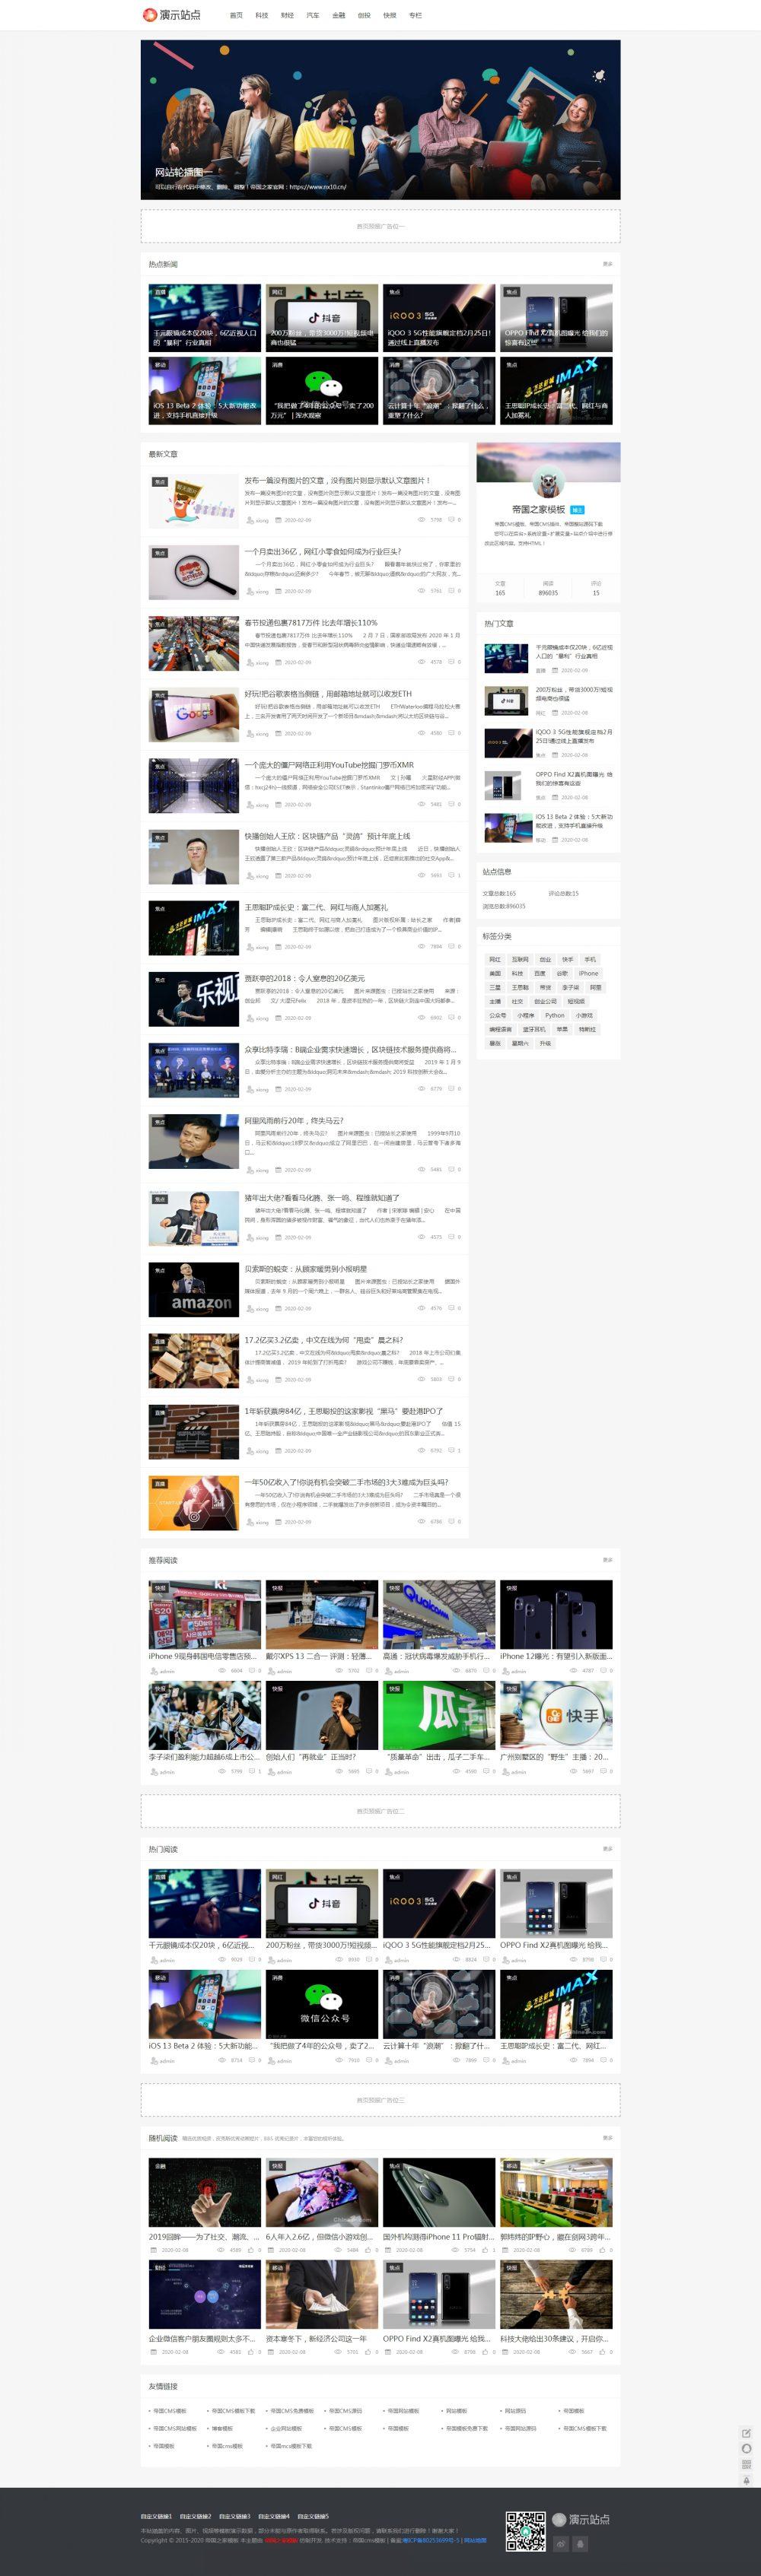 1网站首页.jpg [DG-0201]响应式新闻资讯媒体帝国cms模板 自适应文章博客帝国网站模板下载 新闻资讯 第1张